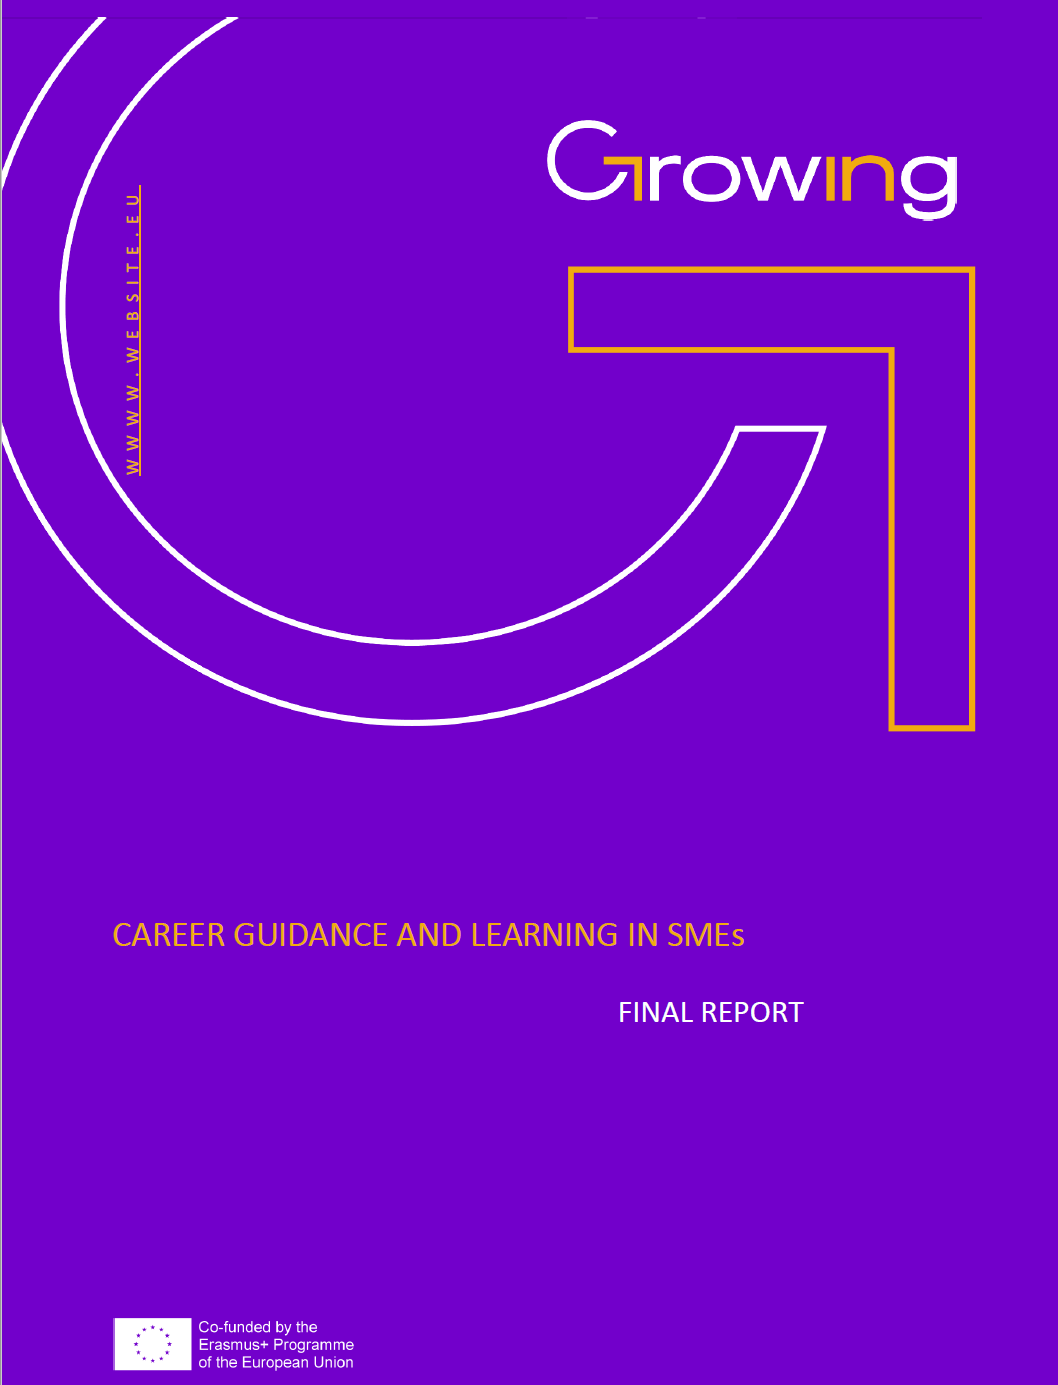 Growing report